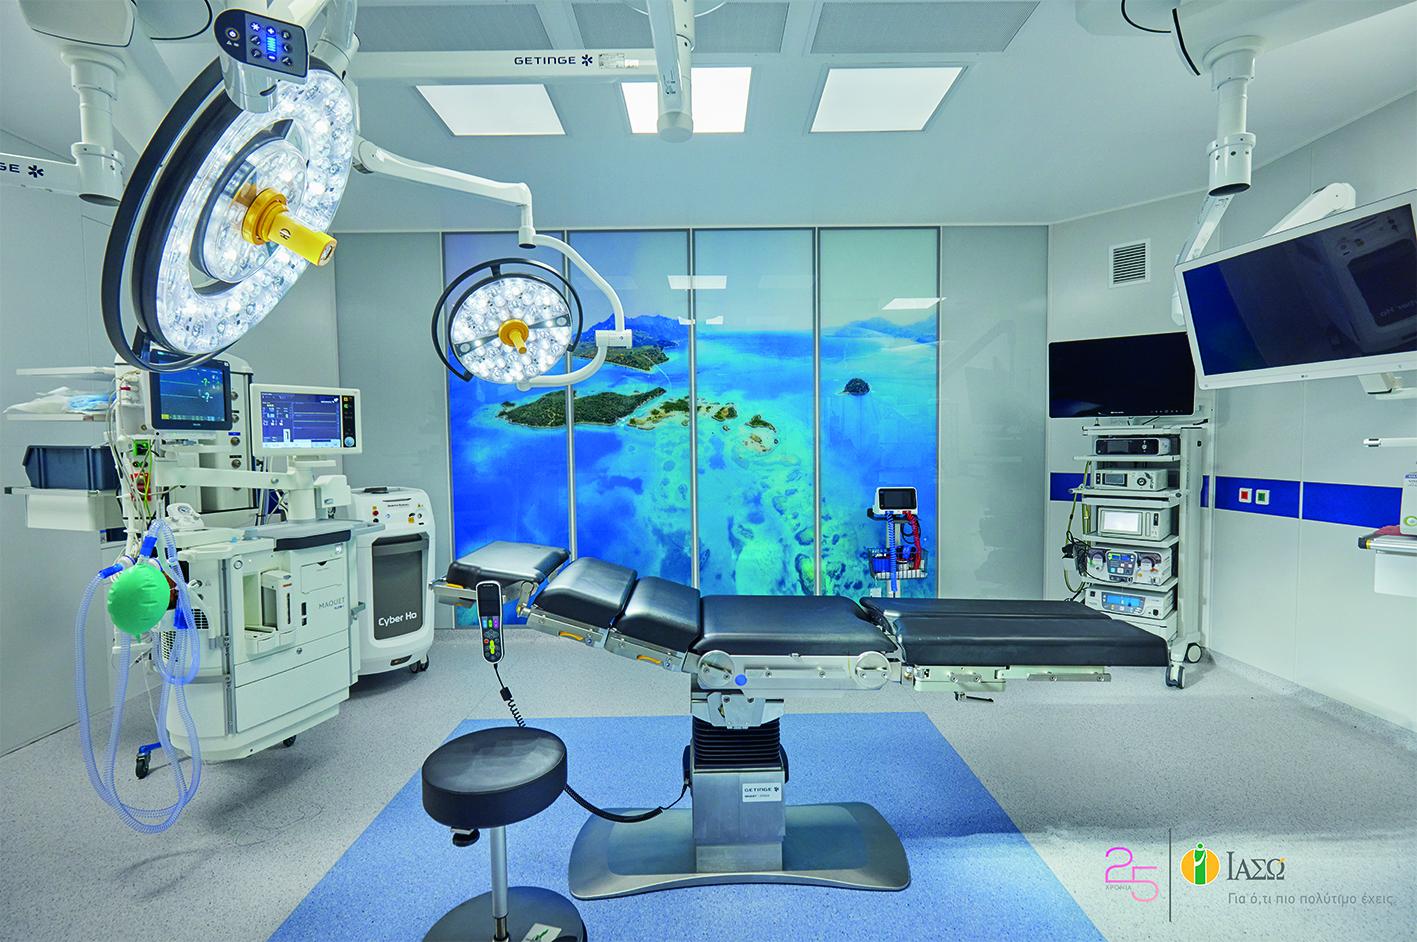 ΙΑΣΩ: Η πρώτη στην Ελλάδα υπερσύγχρονη ψηφιακή χειρουργική αίθουσα Modular Τοιχοποιίας